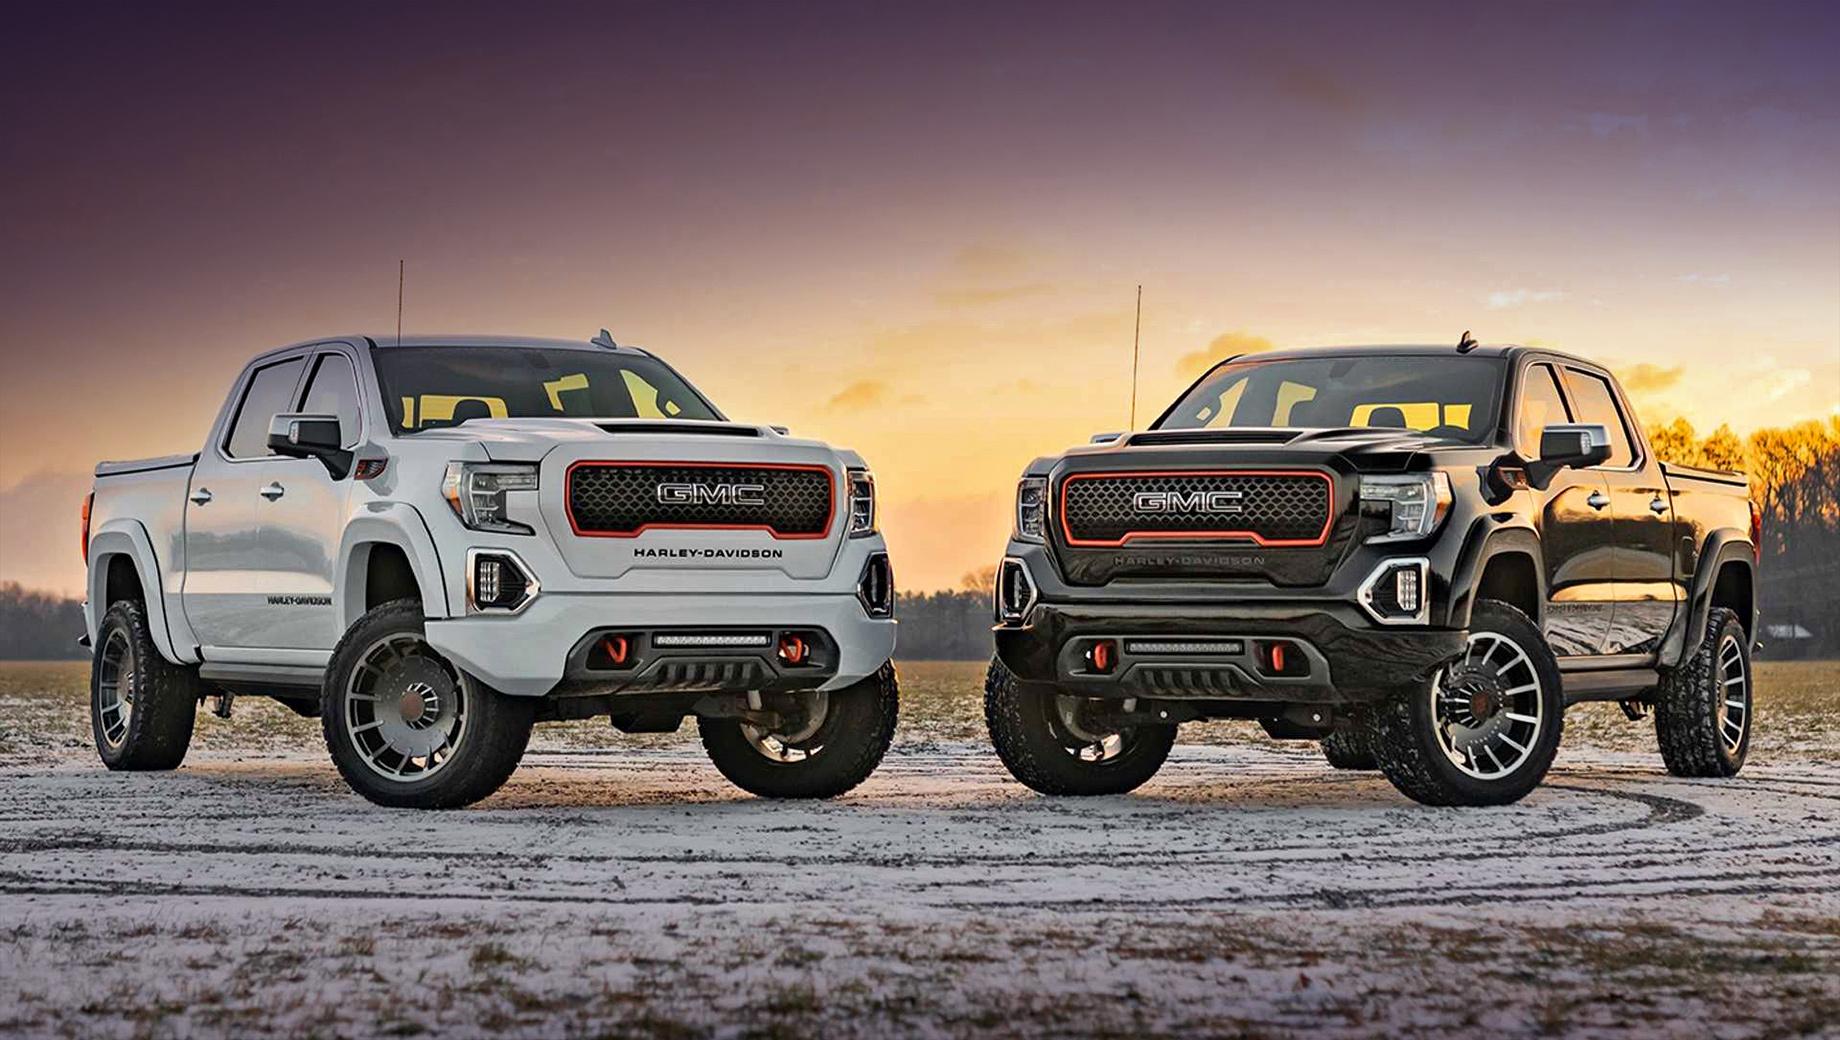 Gmc sierra,Gmc sierra harley davidson. Всего обещают собрать 250 автомобилей специальной серии в трёх цветах: Summit White, Onyx Black или Satin Steel Metallic.